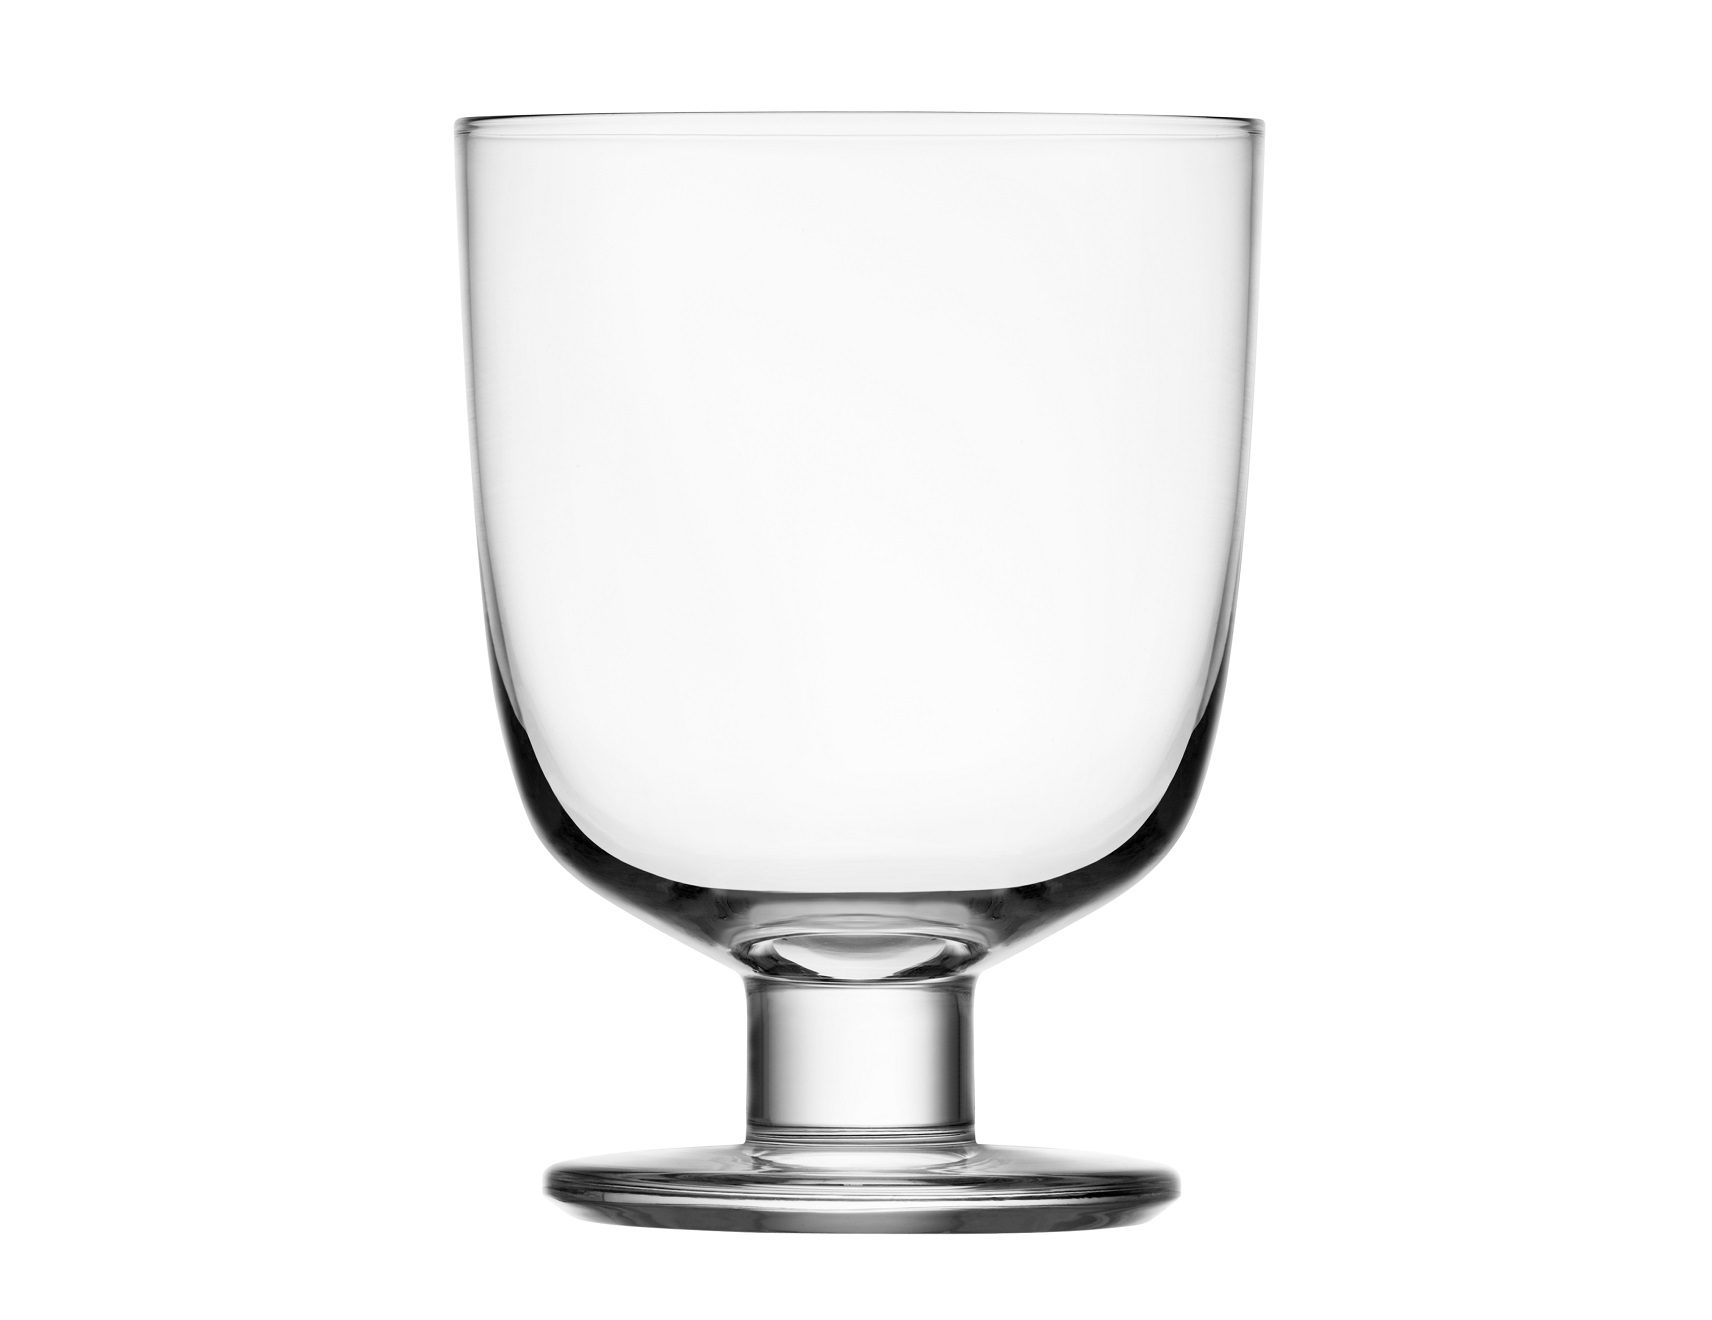 Стакан Lempi (2 шт)Стаканы<br>Универсальные стаканы из стекла отлично подходят для любых случаев, как неформальных, так и праздников. Они отлично подойдут для использования за завтраком. Это отличная альтернатива обычным стаканам для питьевой воды.<br><br>Material: Стекло<br>Length см: None<br>Width см: 12<br>Depth см: 17<br>Height см: 8<br>Diameter см: None